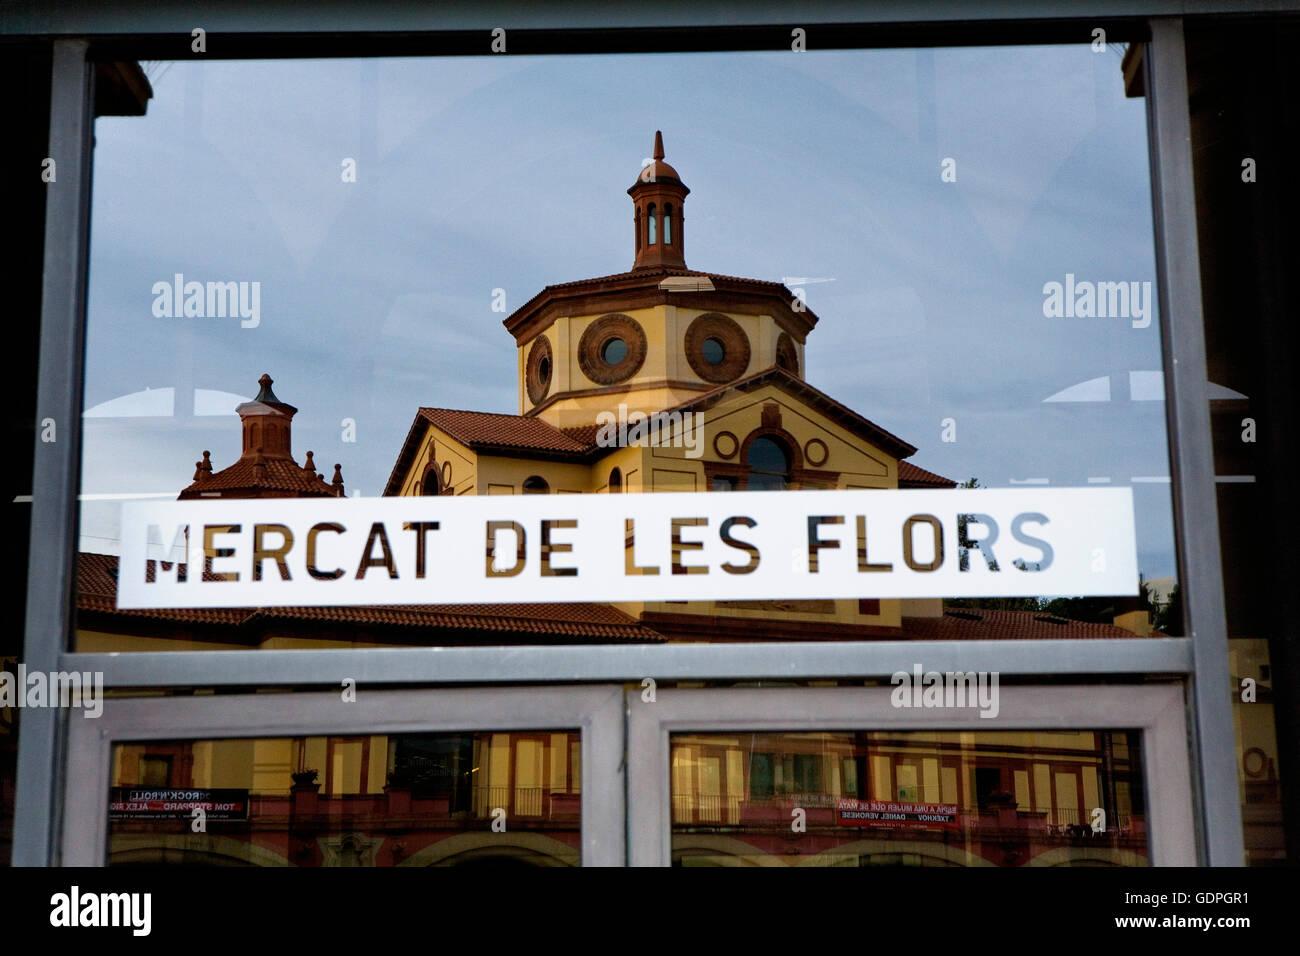 Teatre Lliure, Mercat de les Flors. Ciutat del Teatre (city theater)  Montjuic - Stock Image